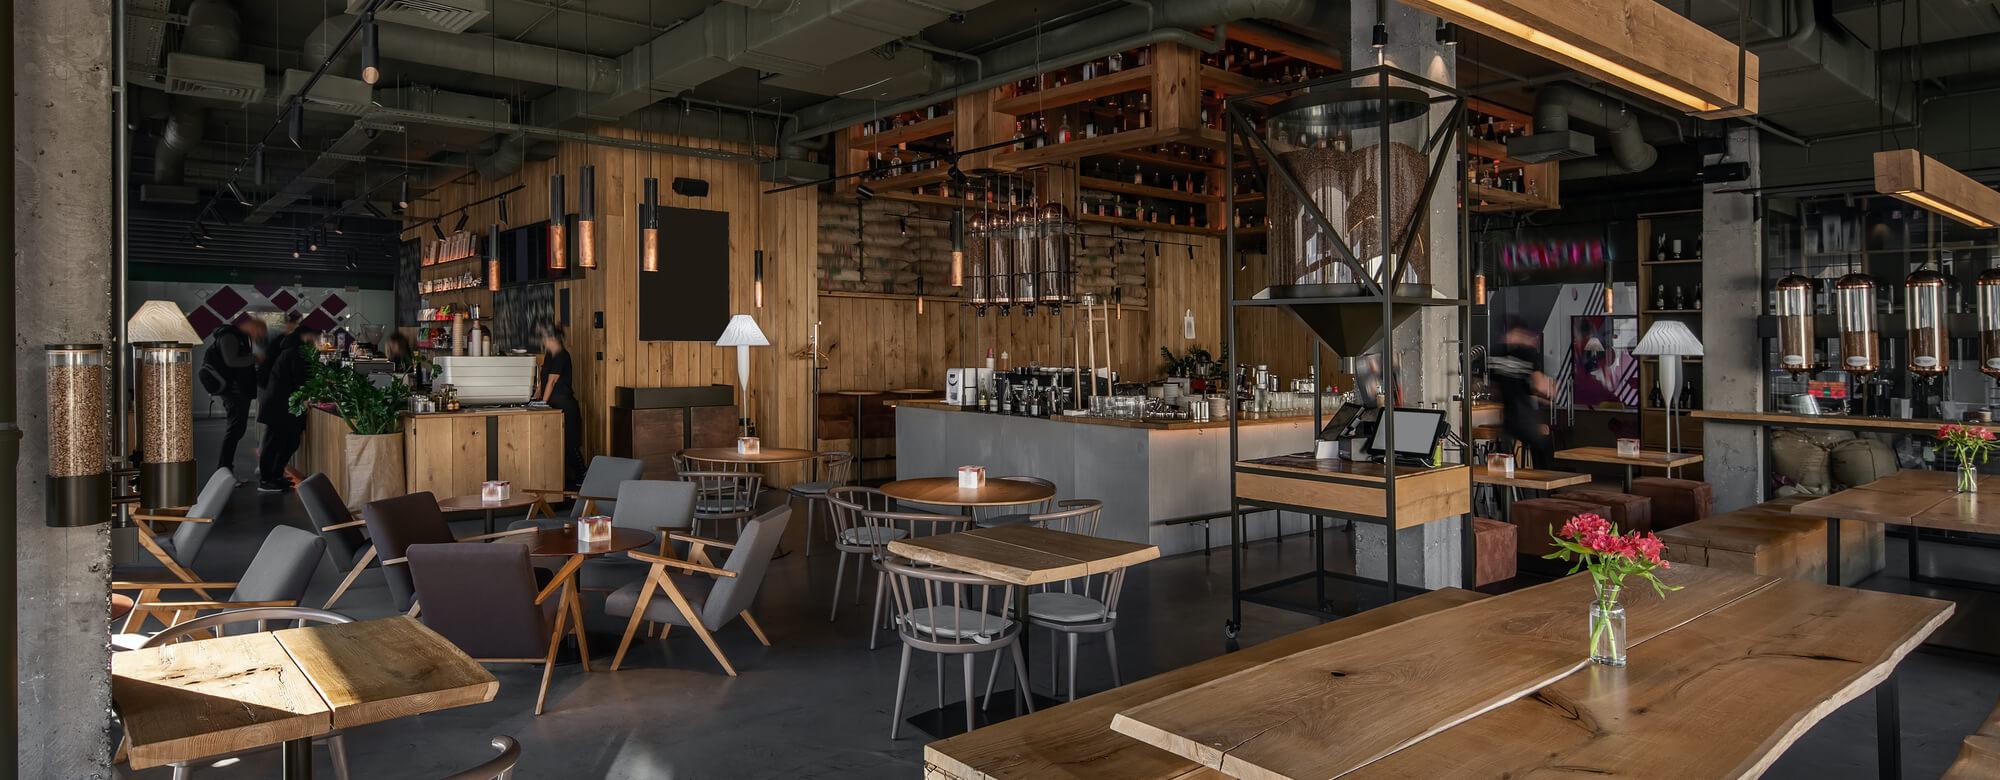 reforma restaurantes y hostelería